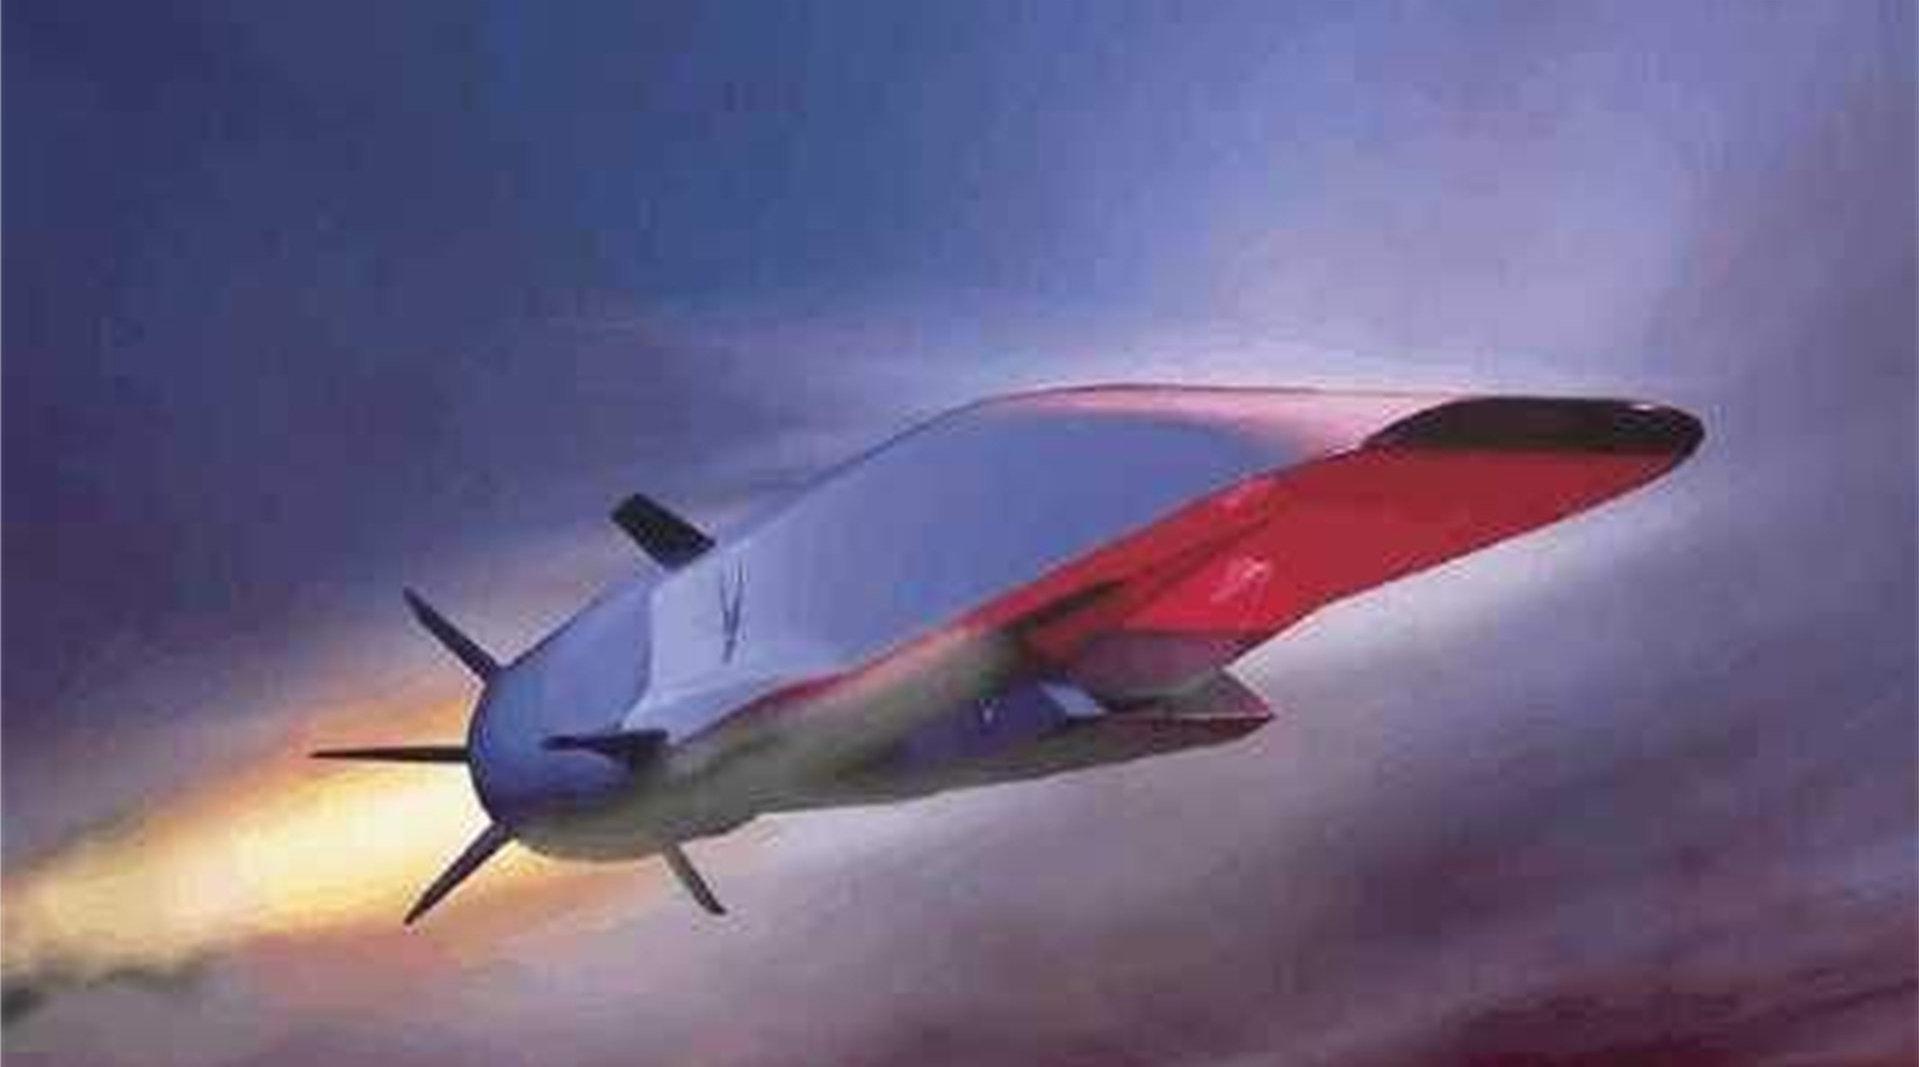 继中俄之后,美军高超音速导弹传来好消息?特朗普没忘记吹嘘一番